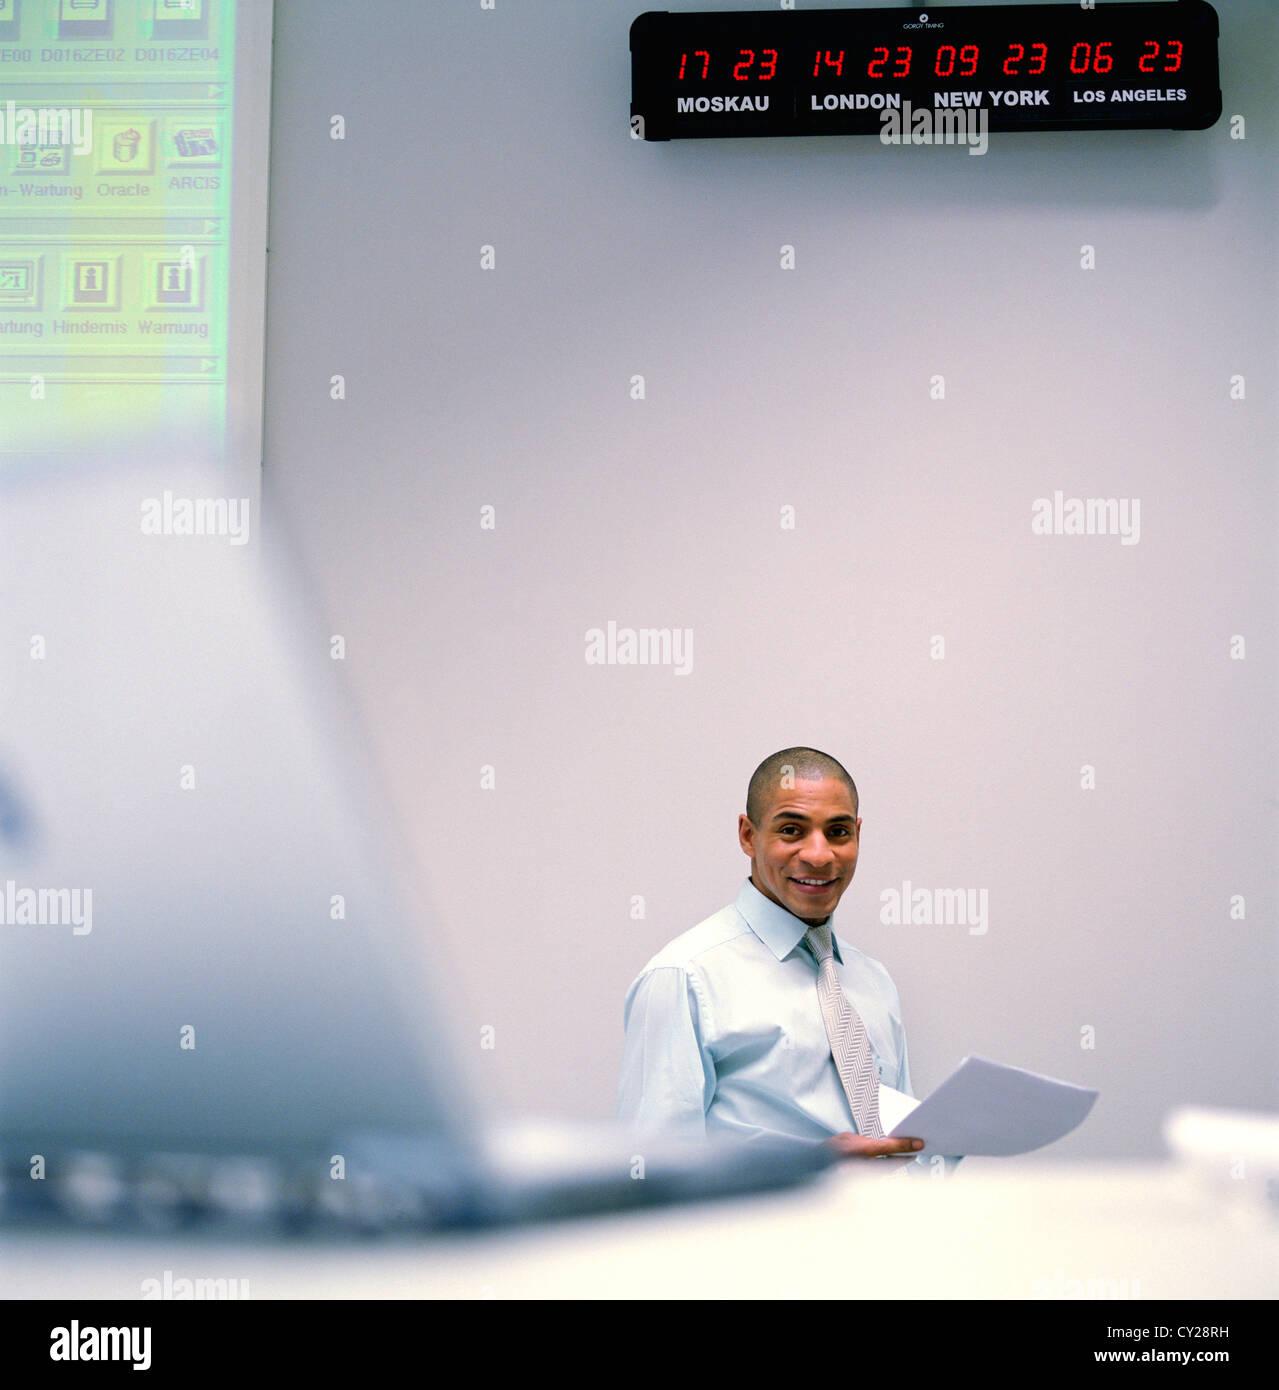 La gente di affari del centro dati del centro di controllo uomo scrivania orologio mondiale licenza gratuita ad eccezione di annunci e cartelloni per esterni Foto Stock